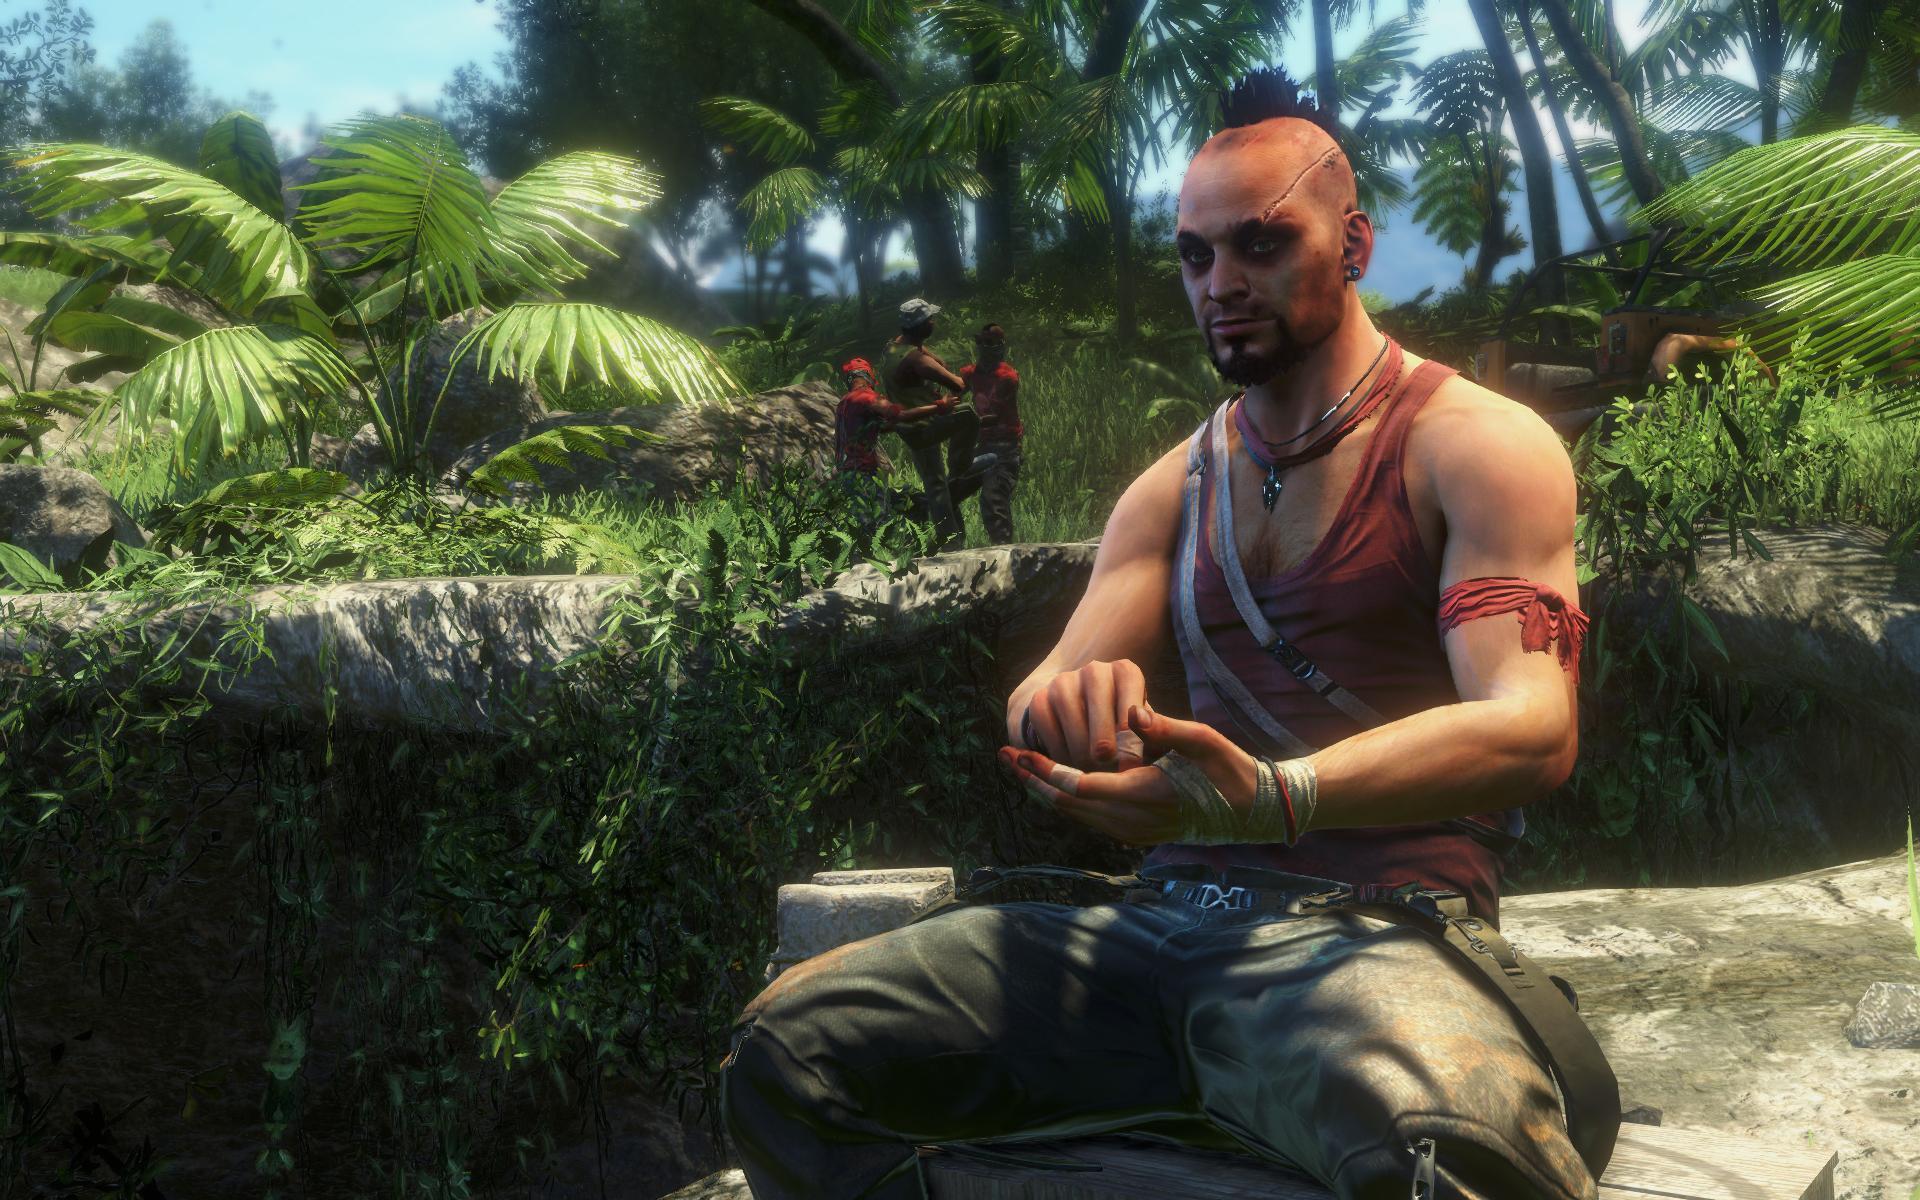 Прочитано 391 раз. 5. 4. 3. 2. 1. Кряк для третьей части игры Far Cry